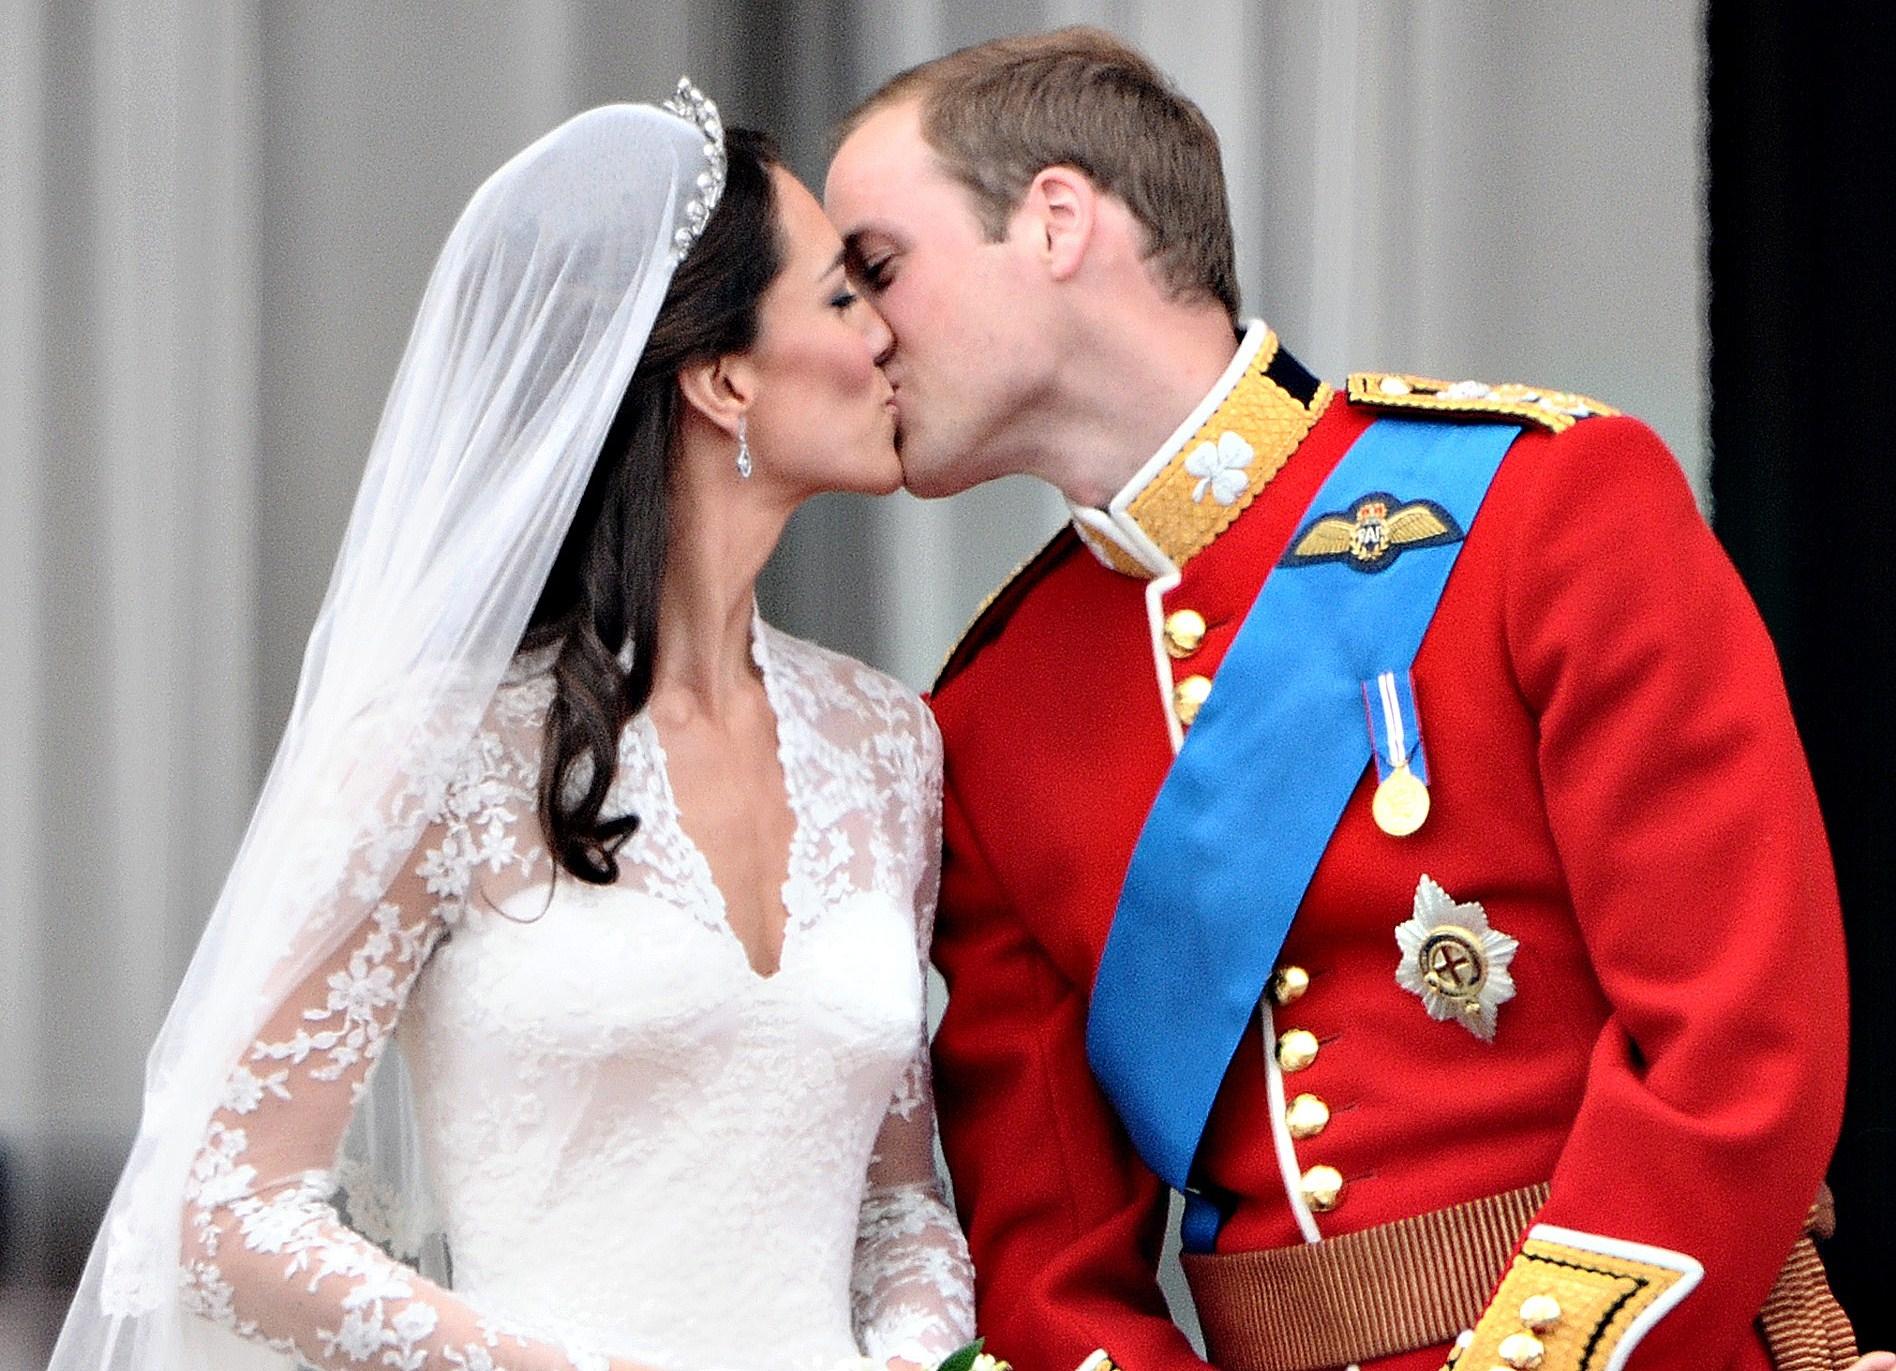 El príncipe William y Kate se casaron el 29 de abril de 2011 en la Abadía de Westminster de Londres. (Archivo)